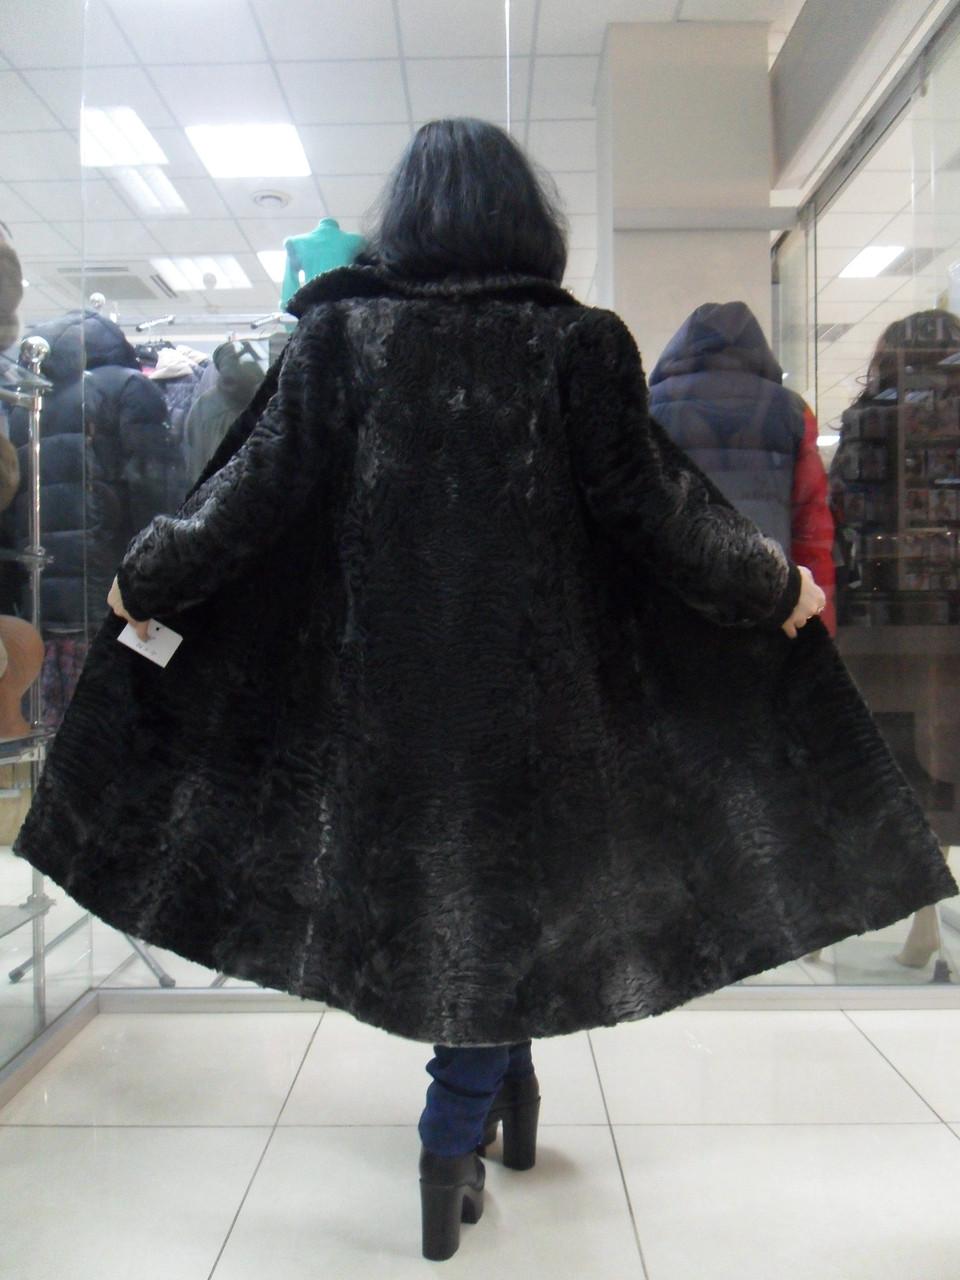 Каракульча черно-серая натуральная пальто из натуральной каракульчи 46 48 размер М Л в кредит